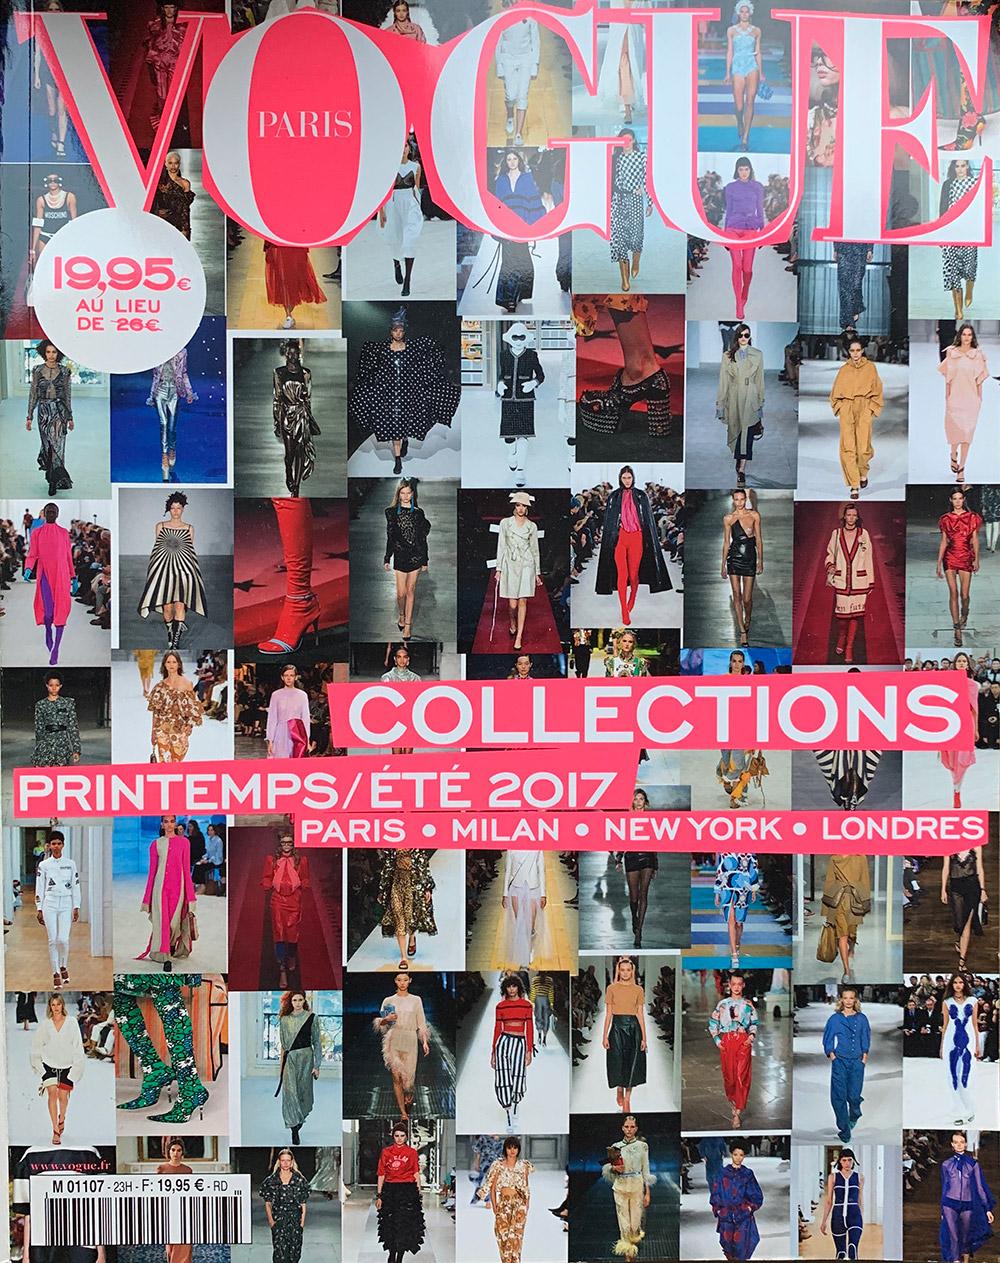 Vogue Paris Collections Feature